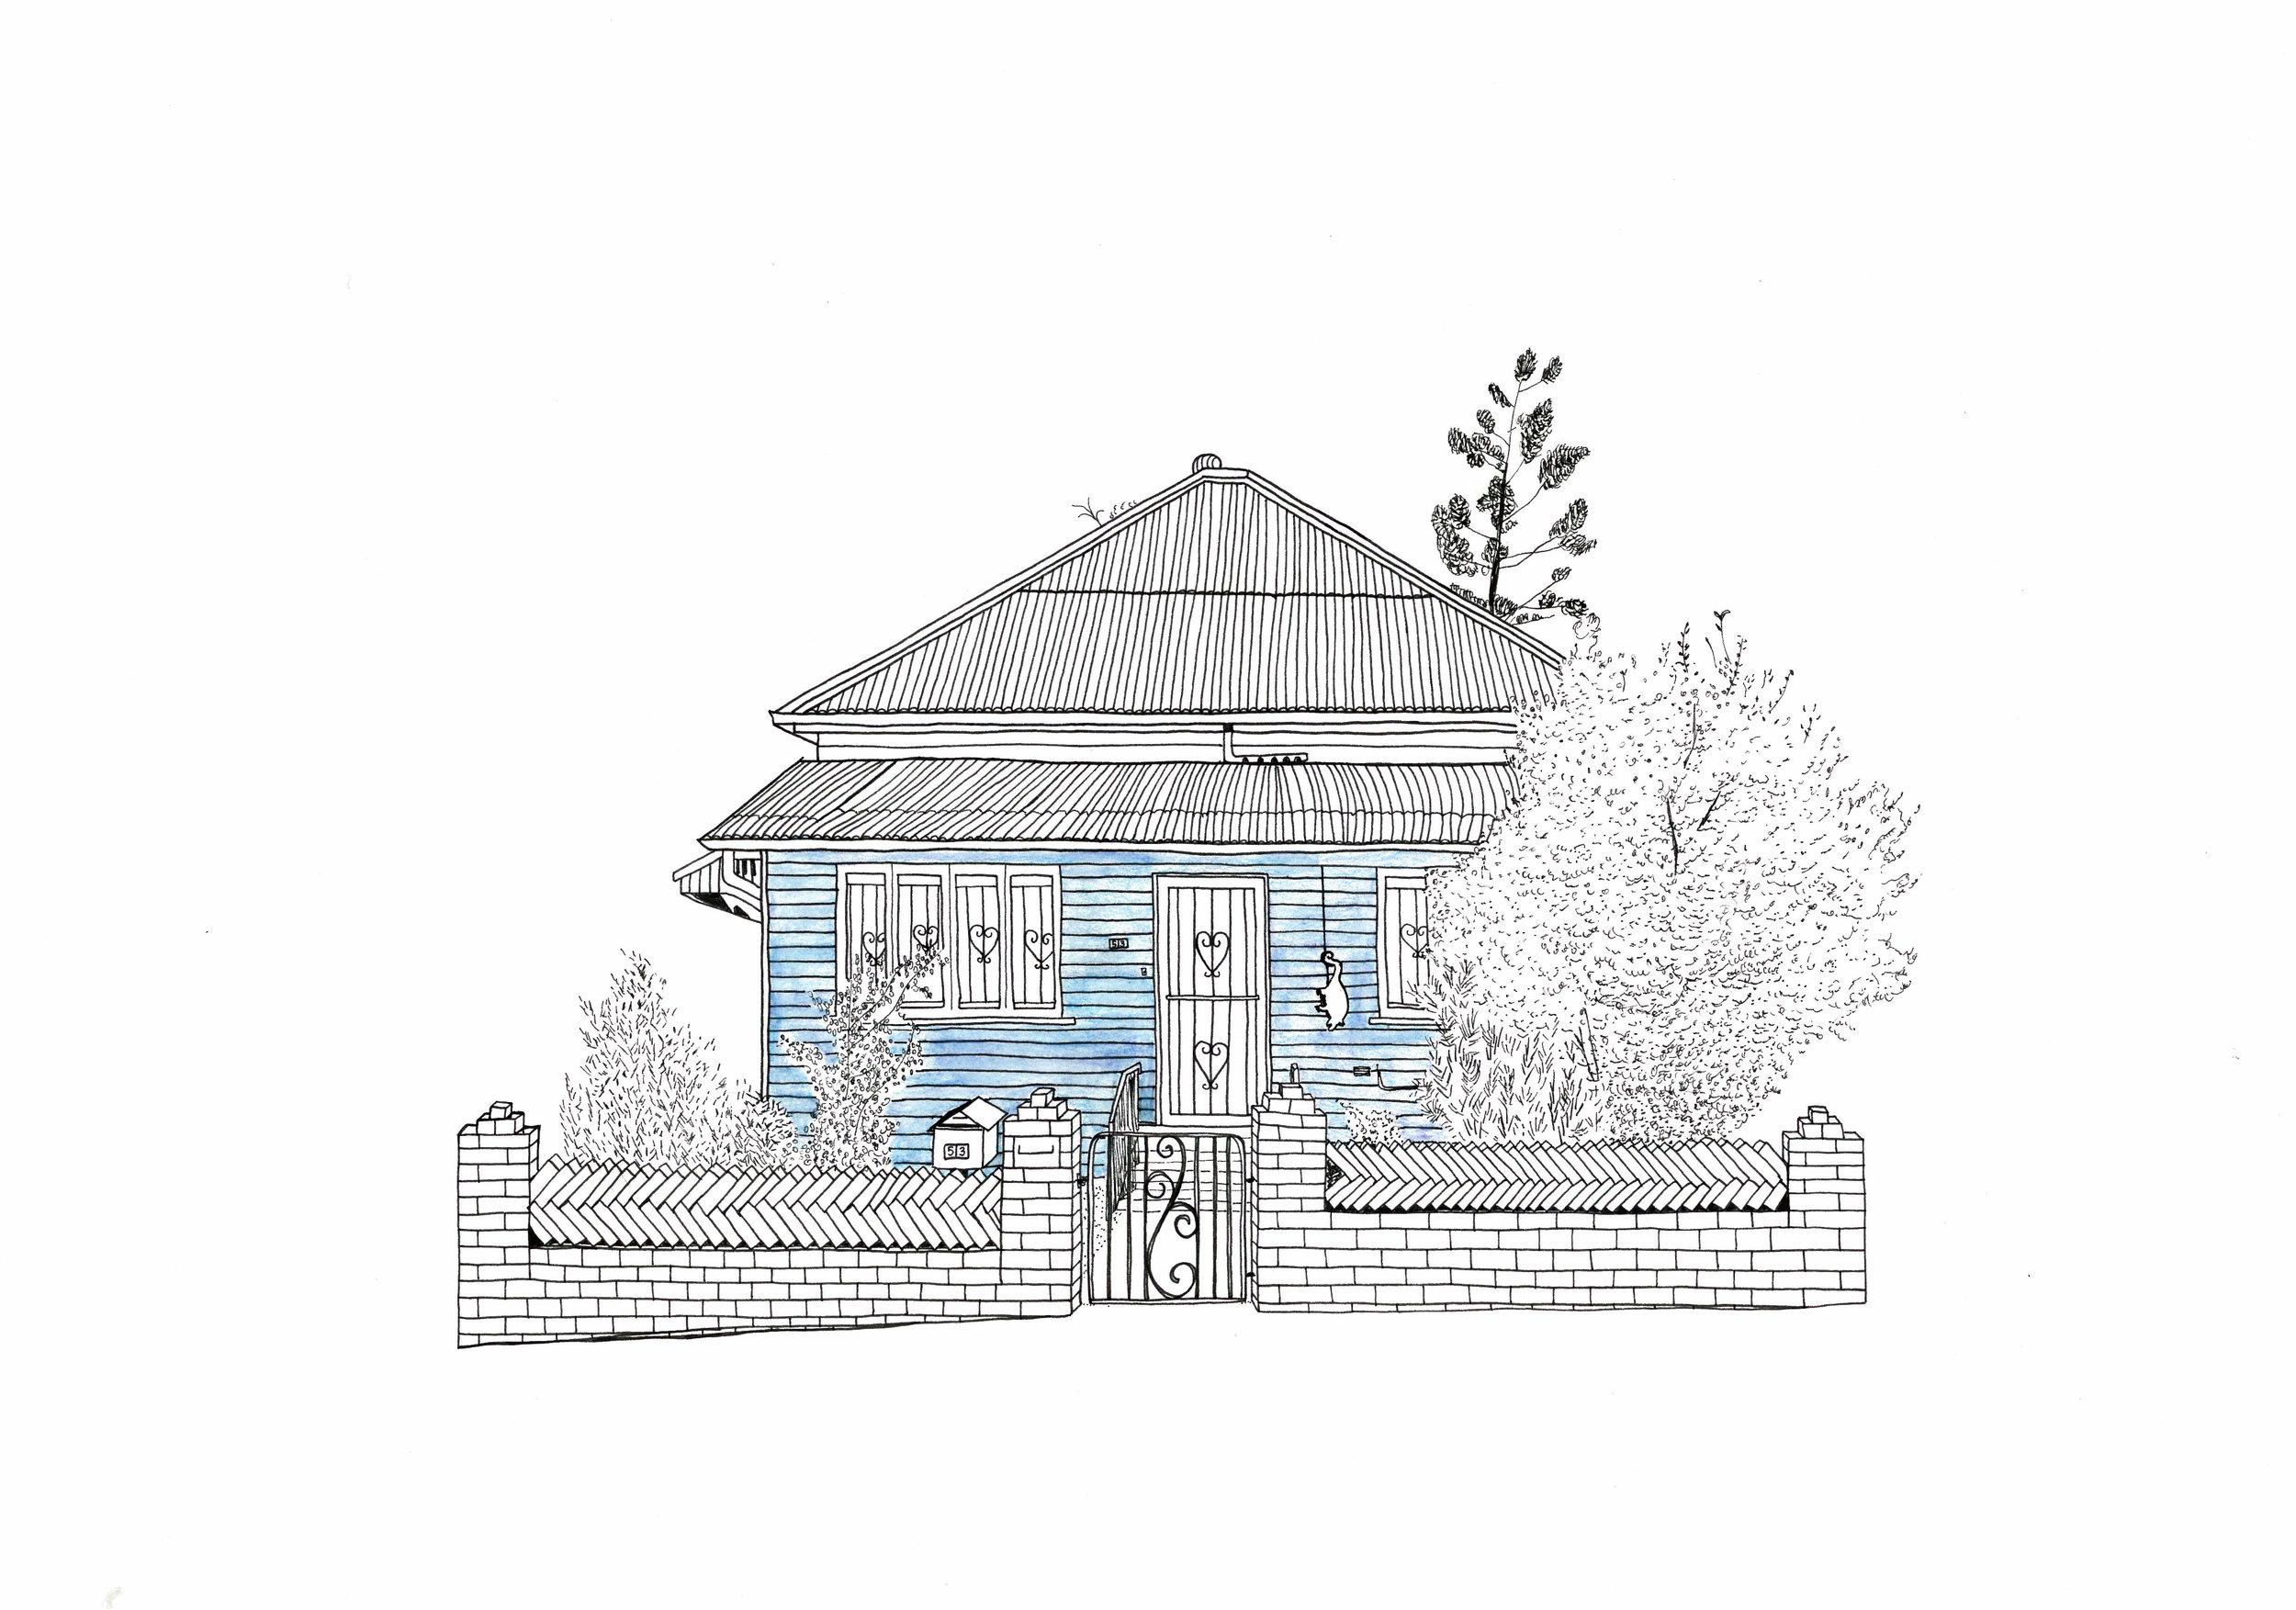 #3 Nana's House